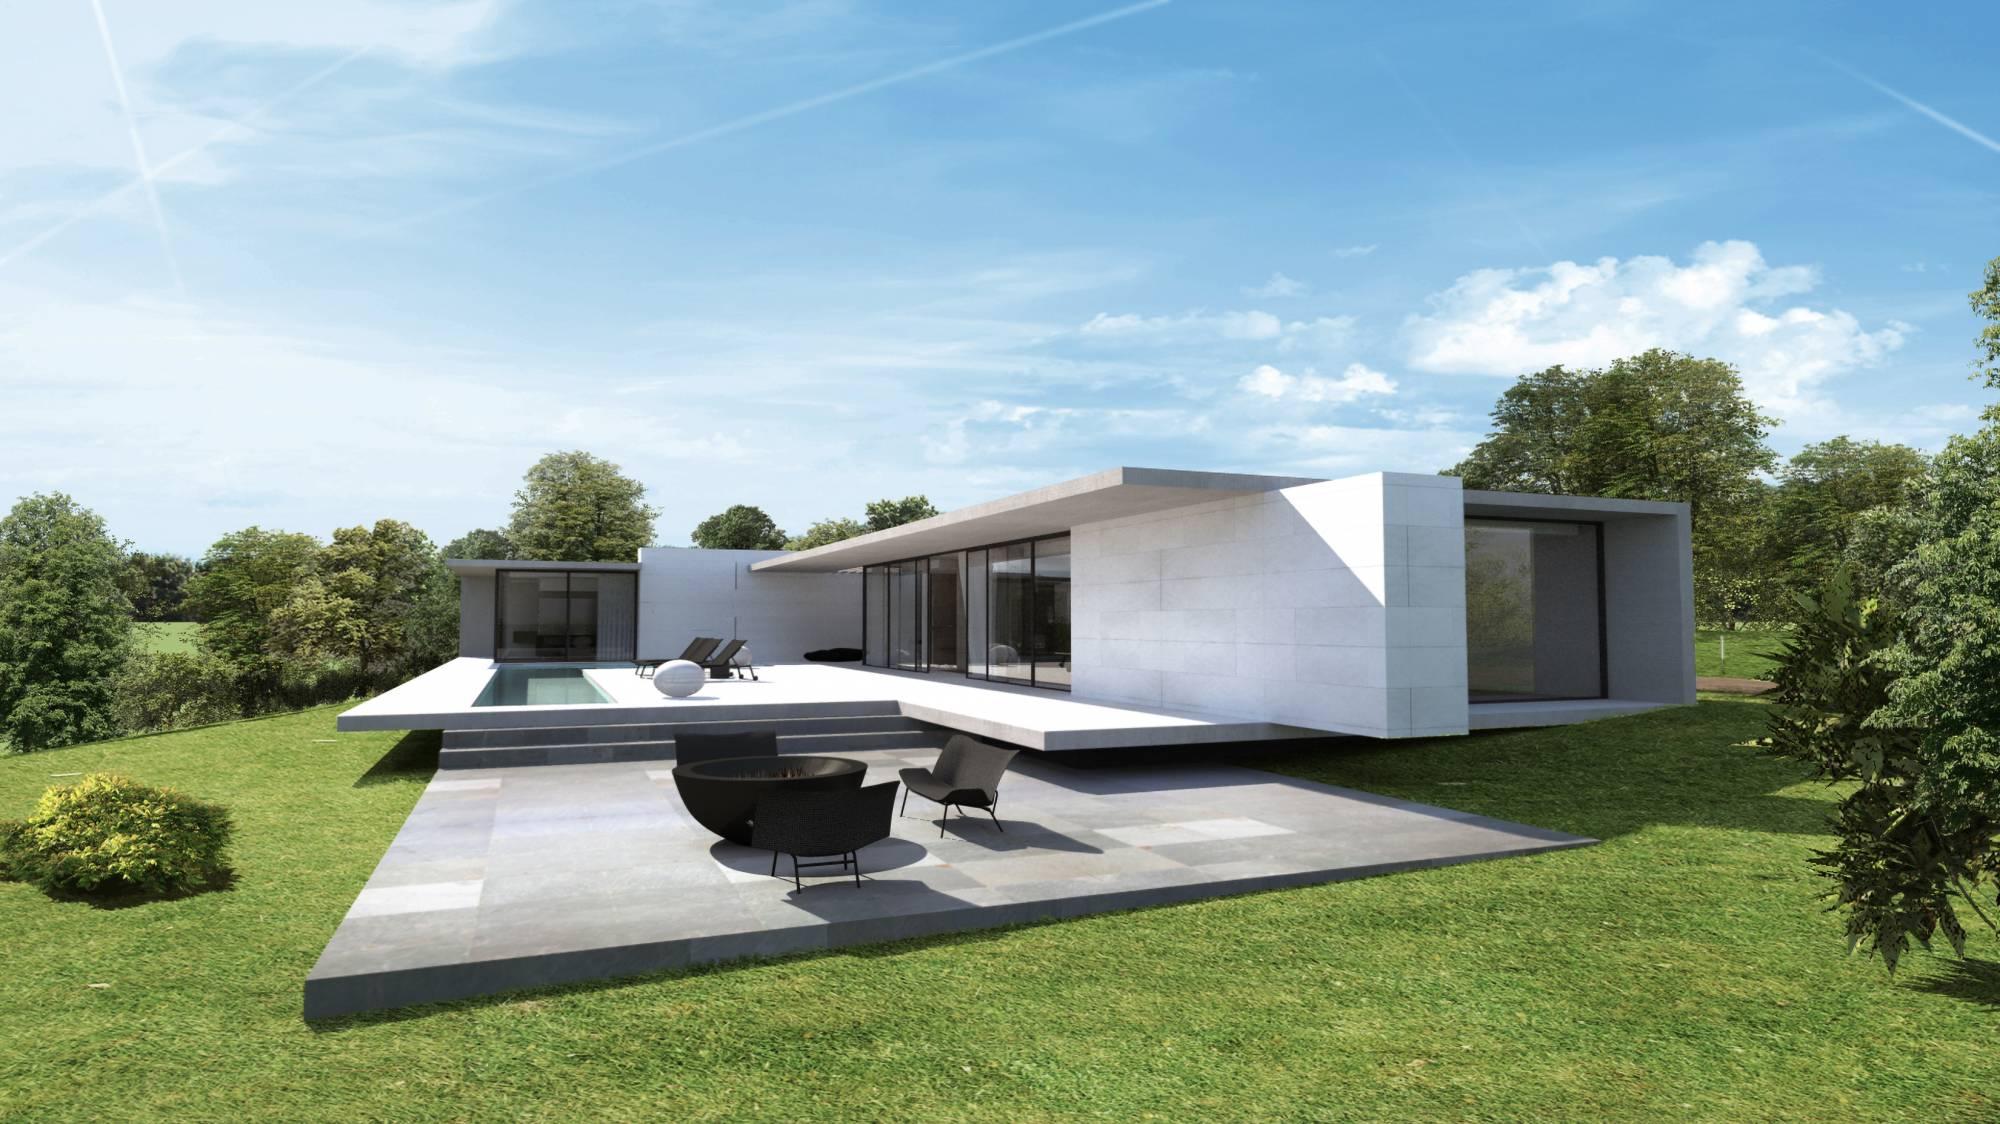 Architecte haut de gamme et architecte d 39 int rieur lyon a2 sb - Photo d interieur de maison design ...